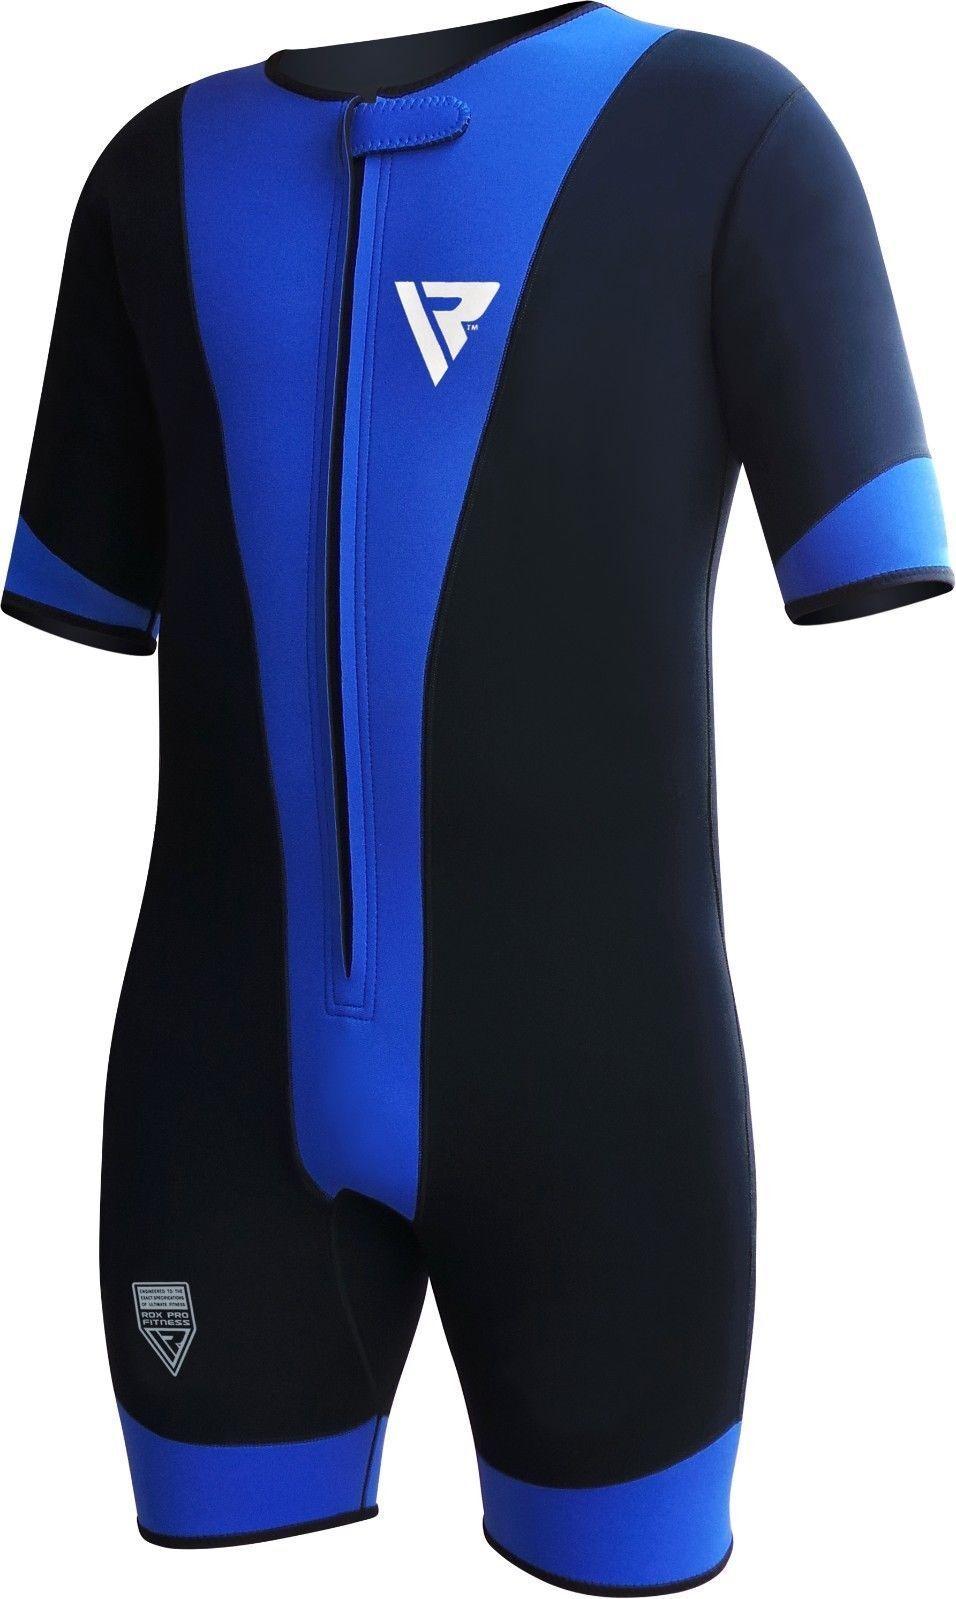 RDX Gewichtsverlust Neopren Schwitzanzug Saunaanzug Sauna Suit Sport Gewichtsverlust RDX Sweatanzug 1bfd43